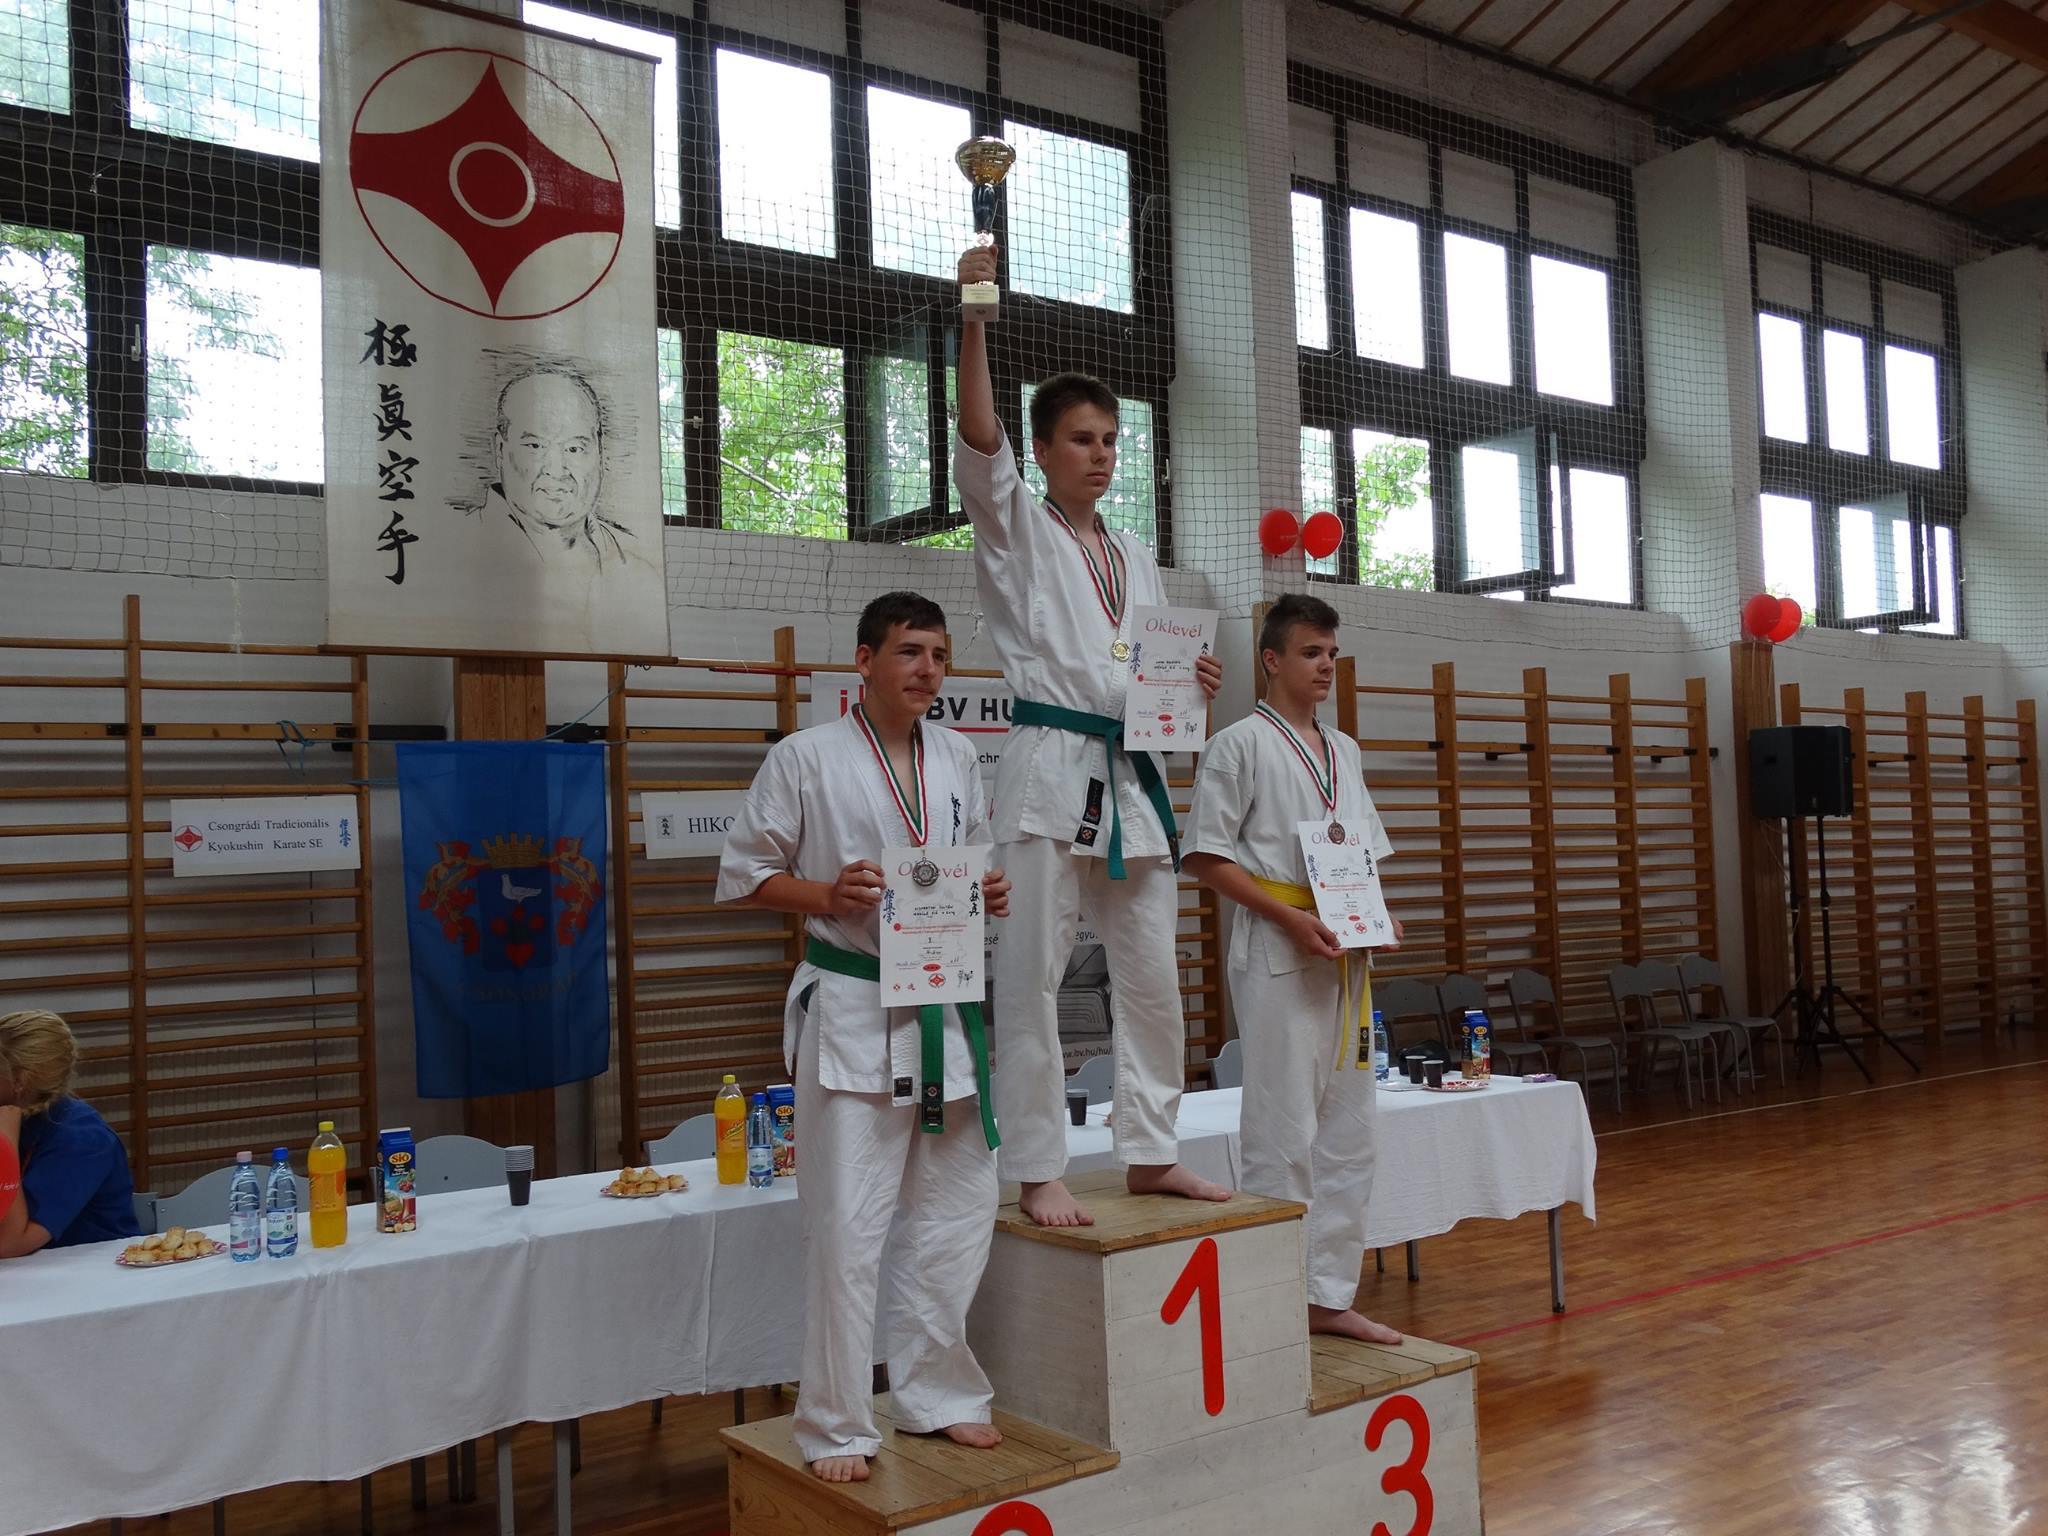 2017 Pünkösd Kupa országos utánpótlás verseny 001.jpg